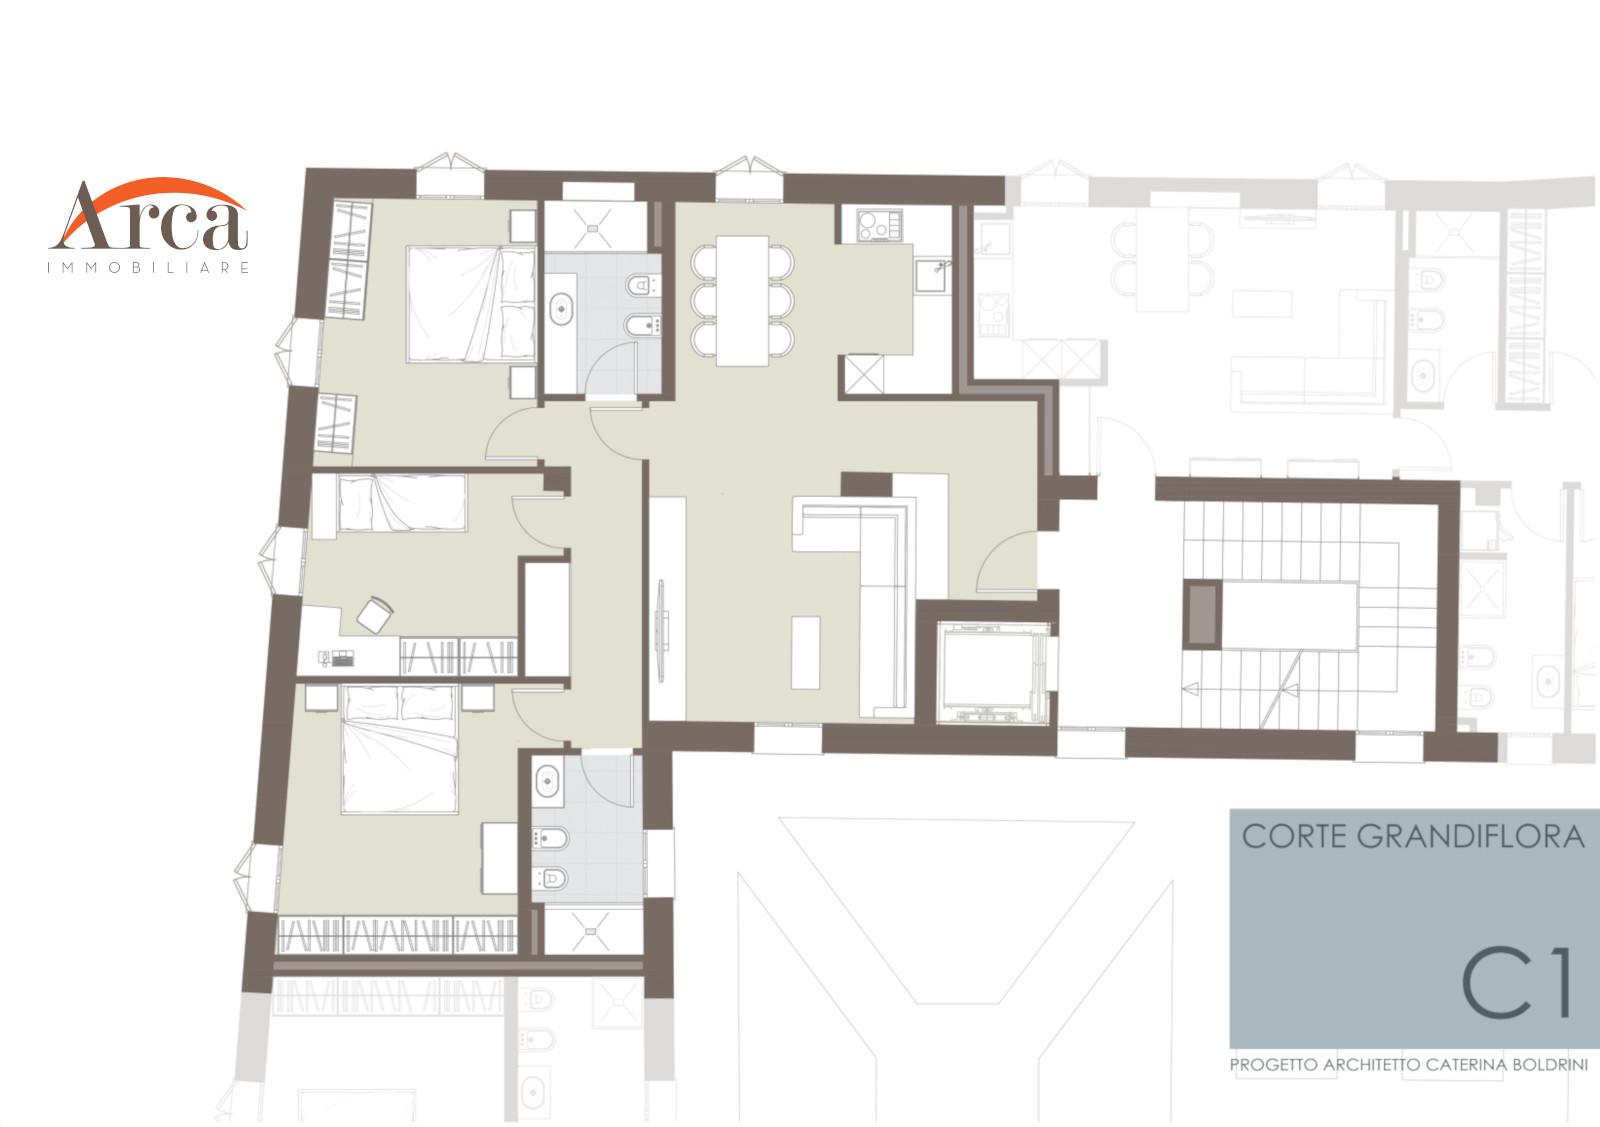 Appartamento C1